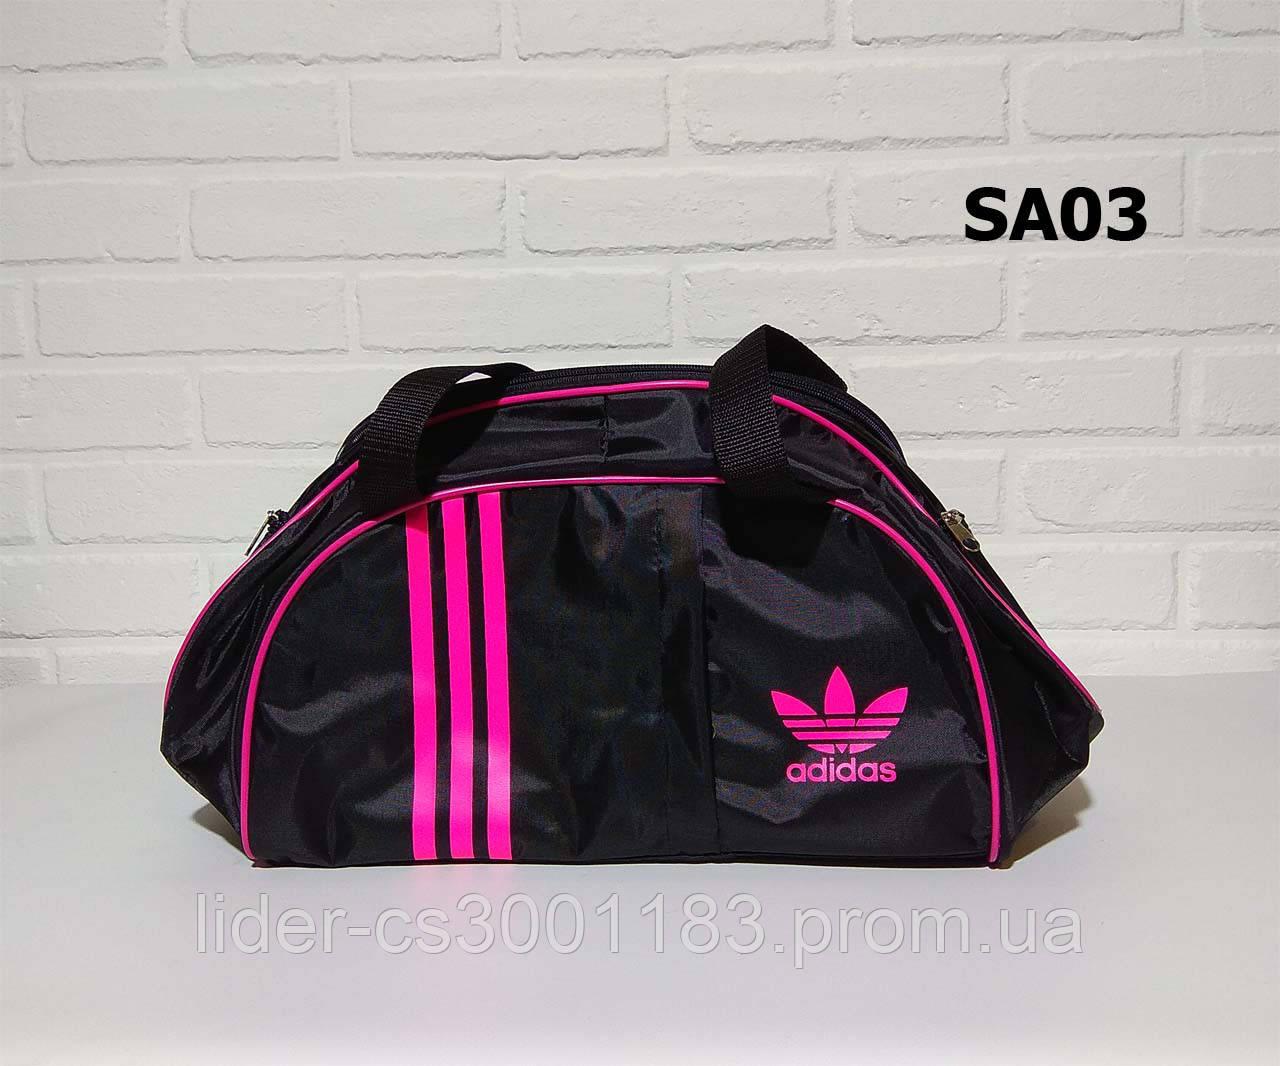 Спортивна сумка адідас, adidas для фітнесу з плечовим ременем. Чорна з рожевим